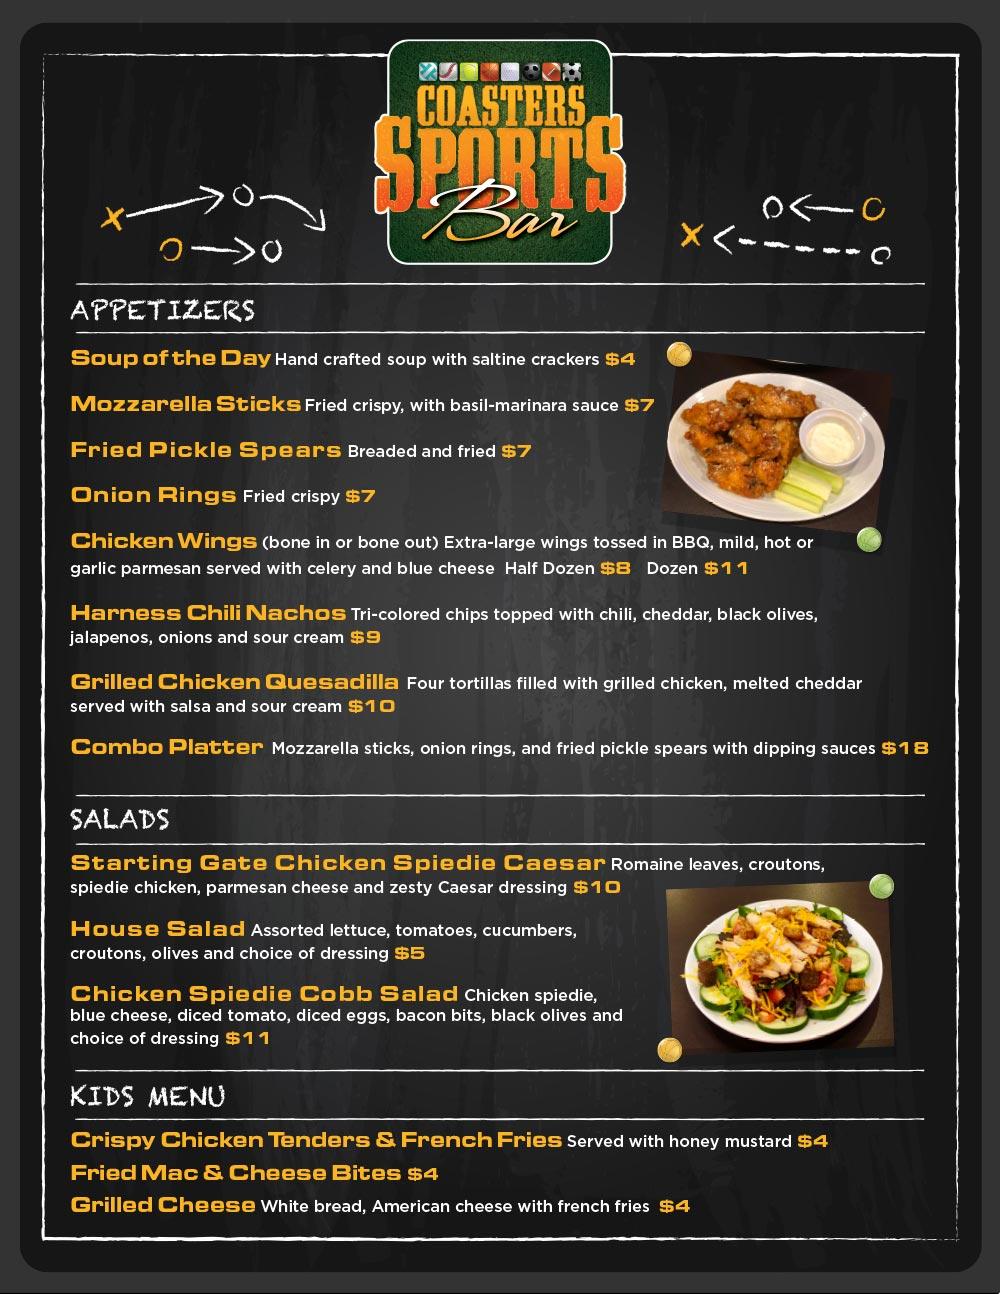 Coasters Sports Bar Main Menu Page 1